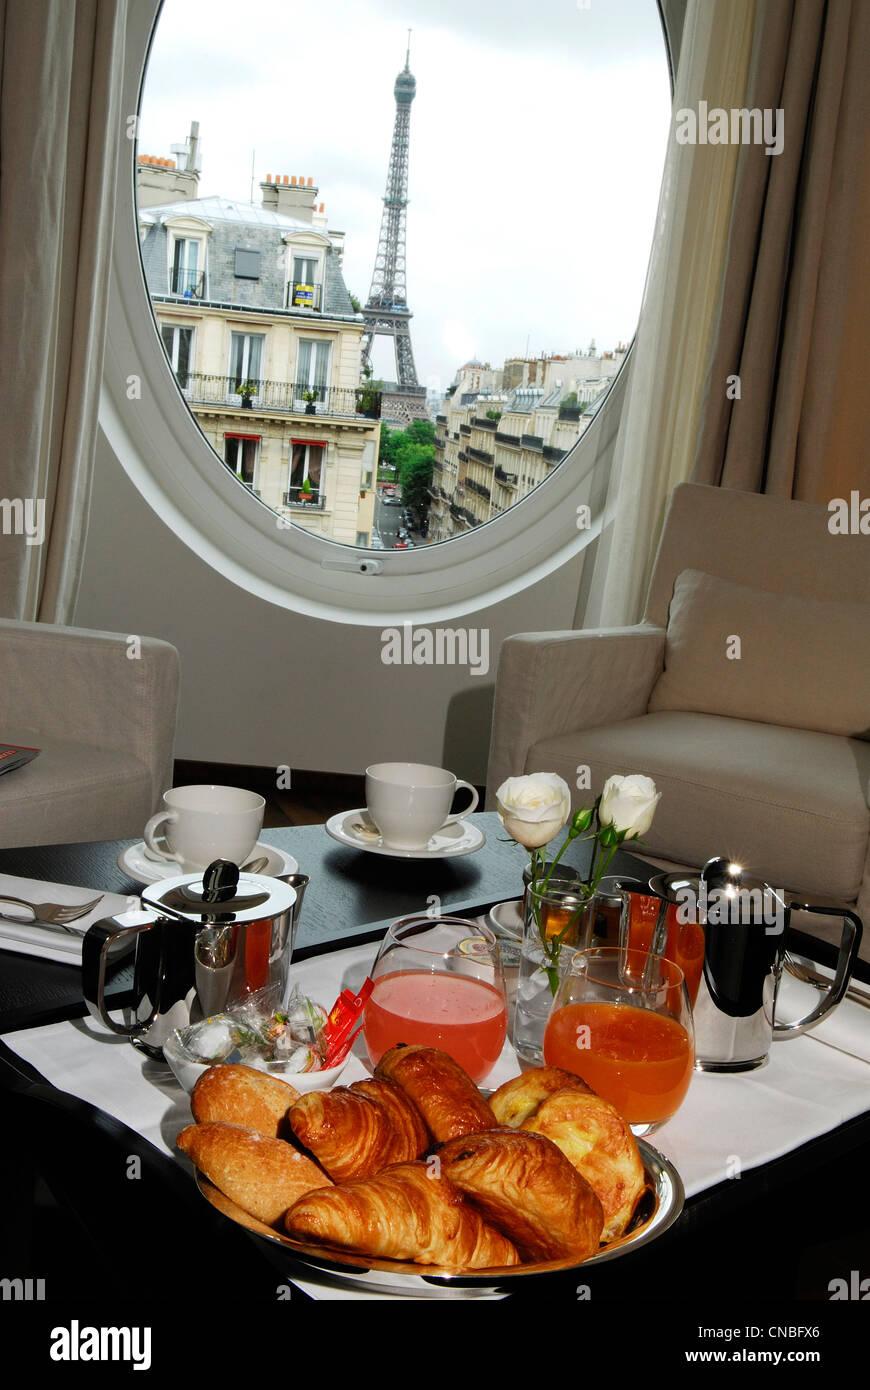 France, Paris, Metropolitan Paris Champs Elysees Hotel, 86 Rue de Longchamp - Stock Image